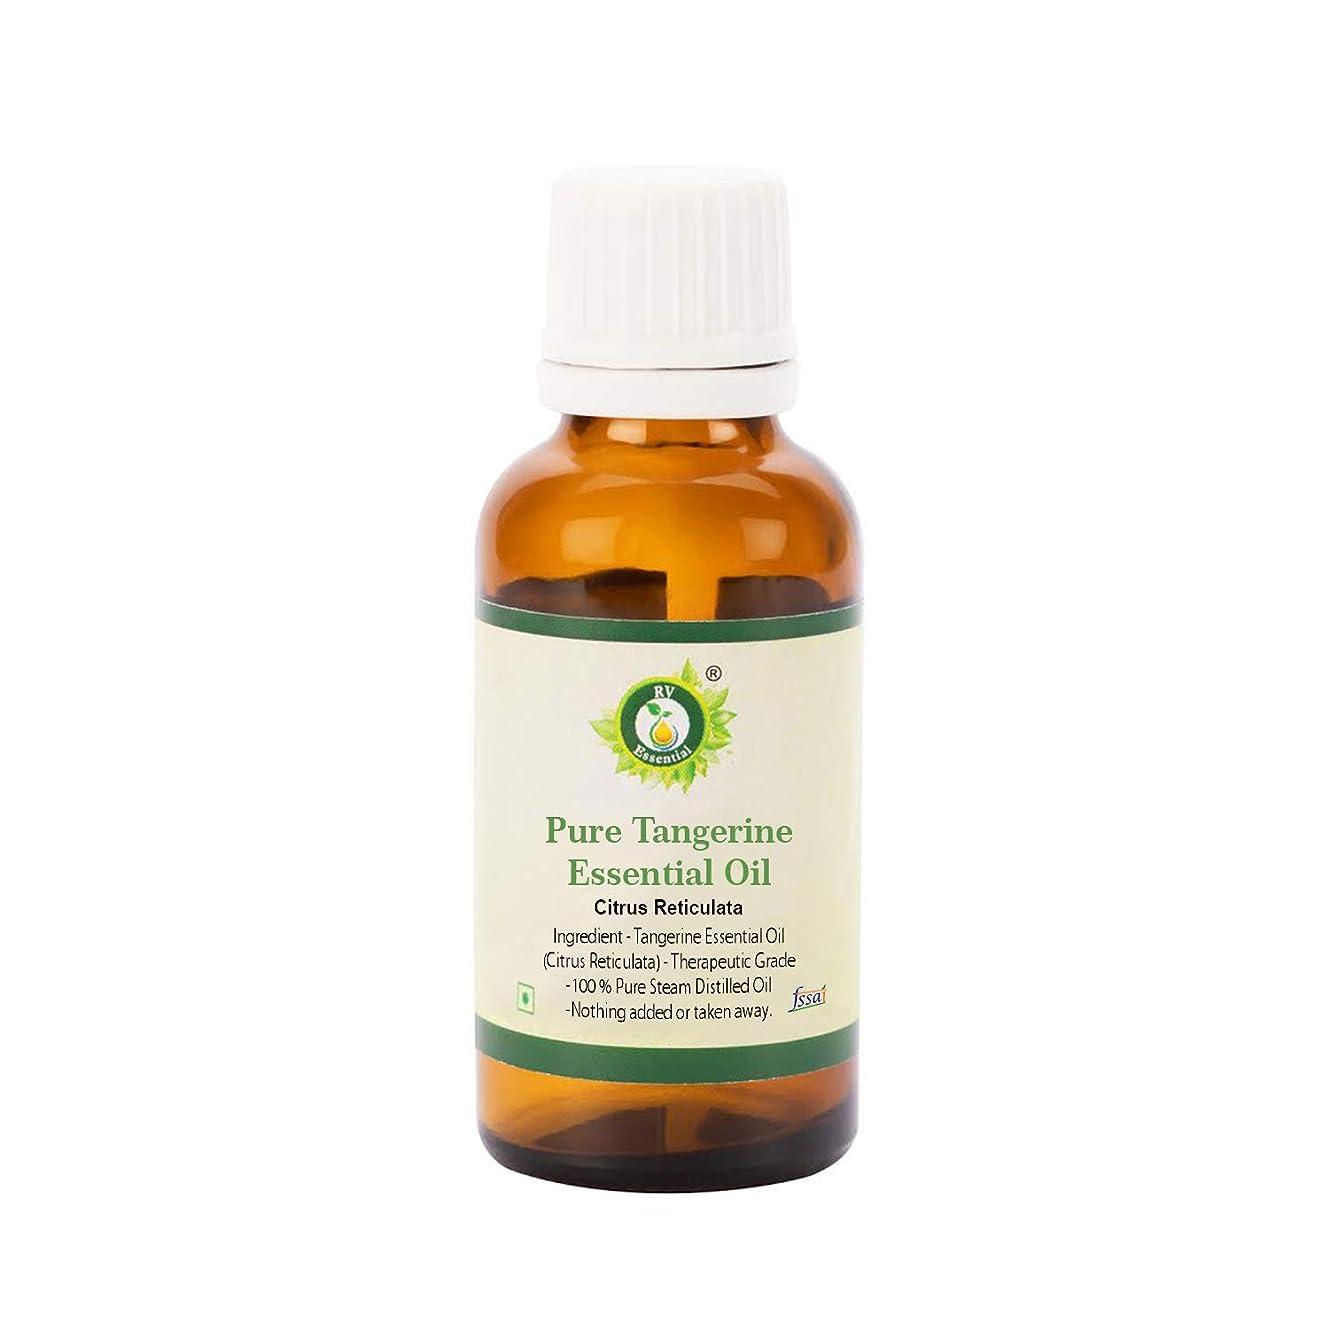 不足カナダすすり泣きR V Essential ピュアタンジェリンエッセンシャルオイル50ml (1.69oz)- Citrus Reticulata (100%純粋&天然スチームDistilled) Pure Tangerine Essential Oil